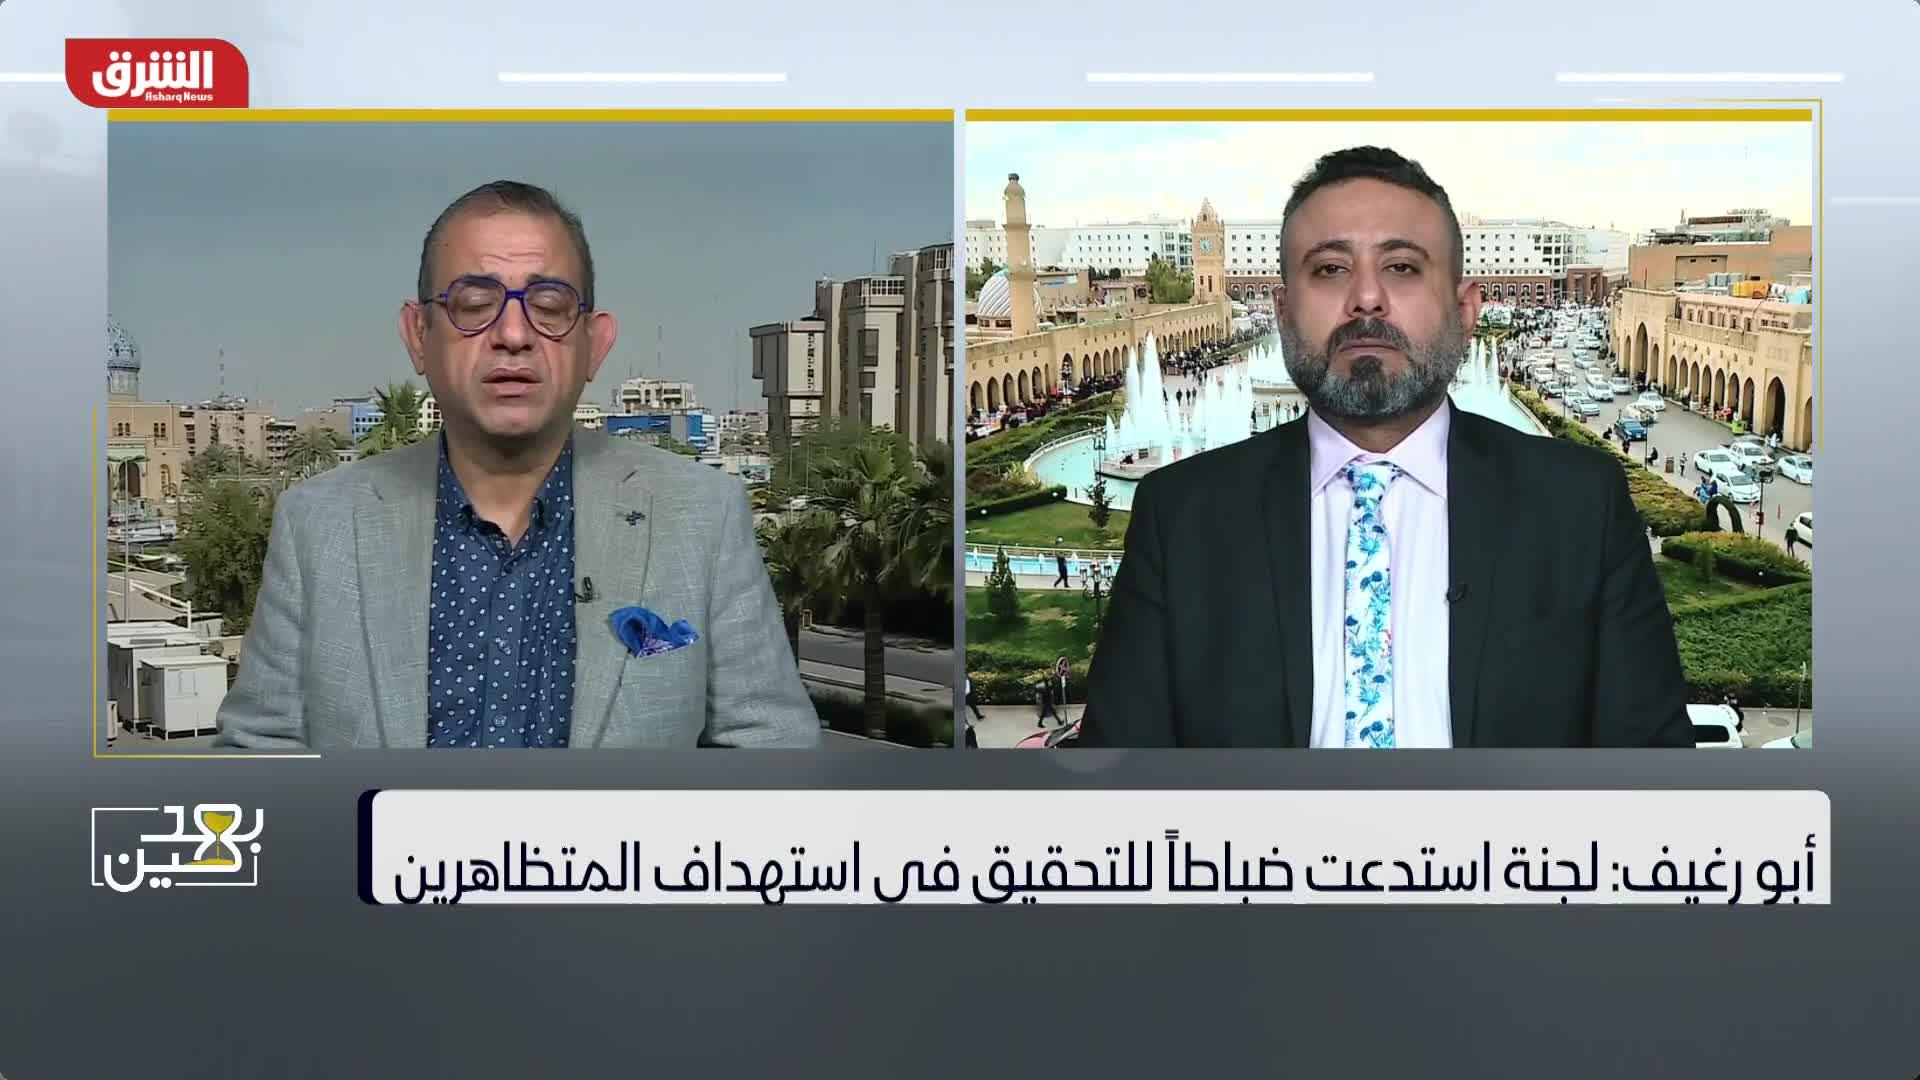 أبو رغيف: القضاء العراقي مستقل إلى حد كبير أمام ظاهرة القتل